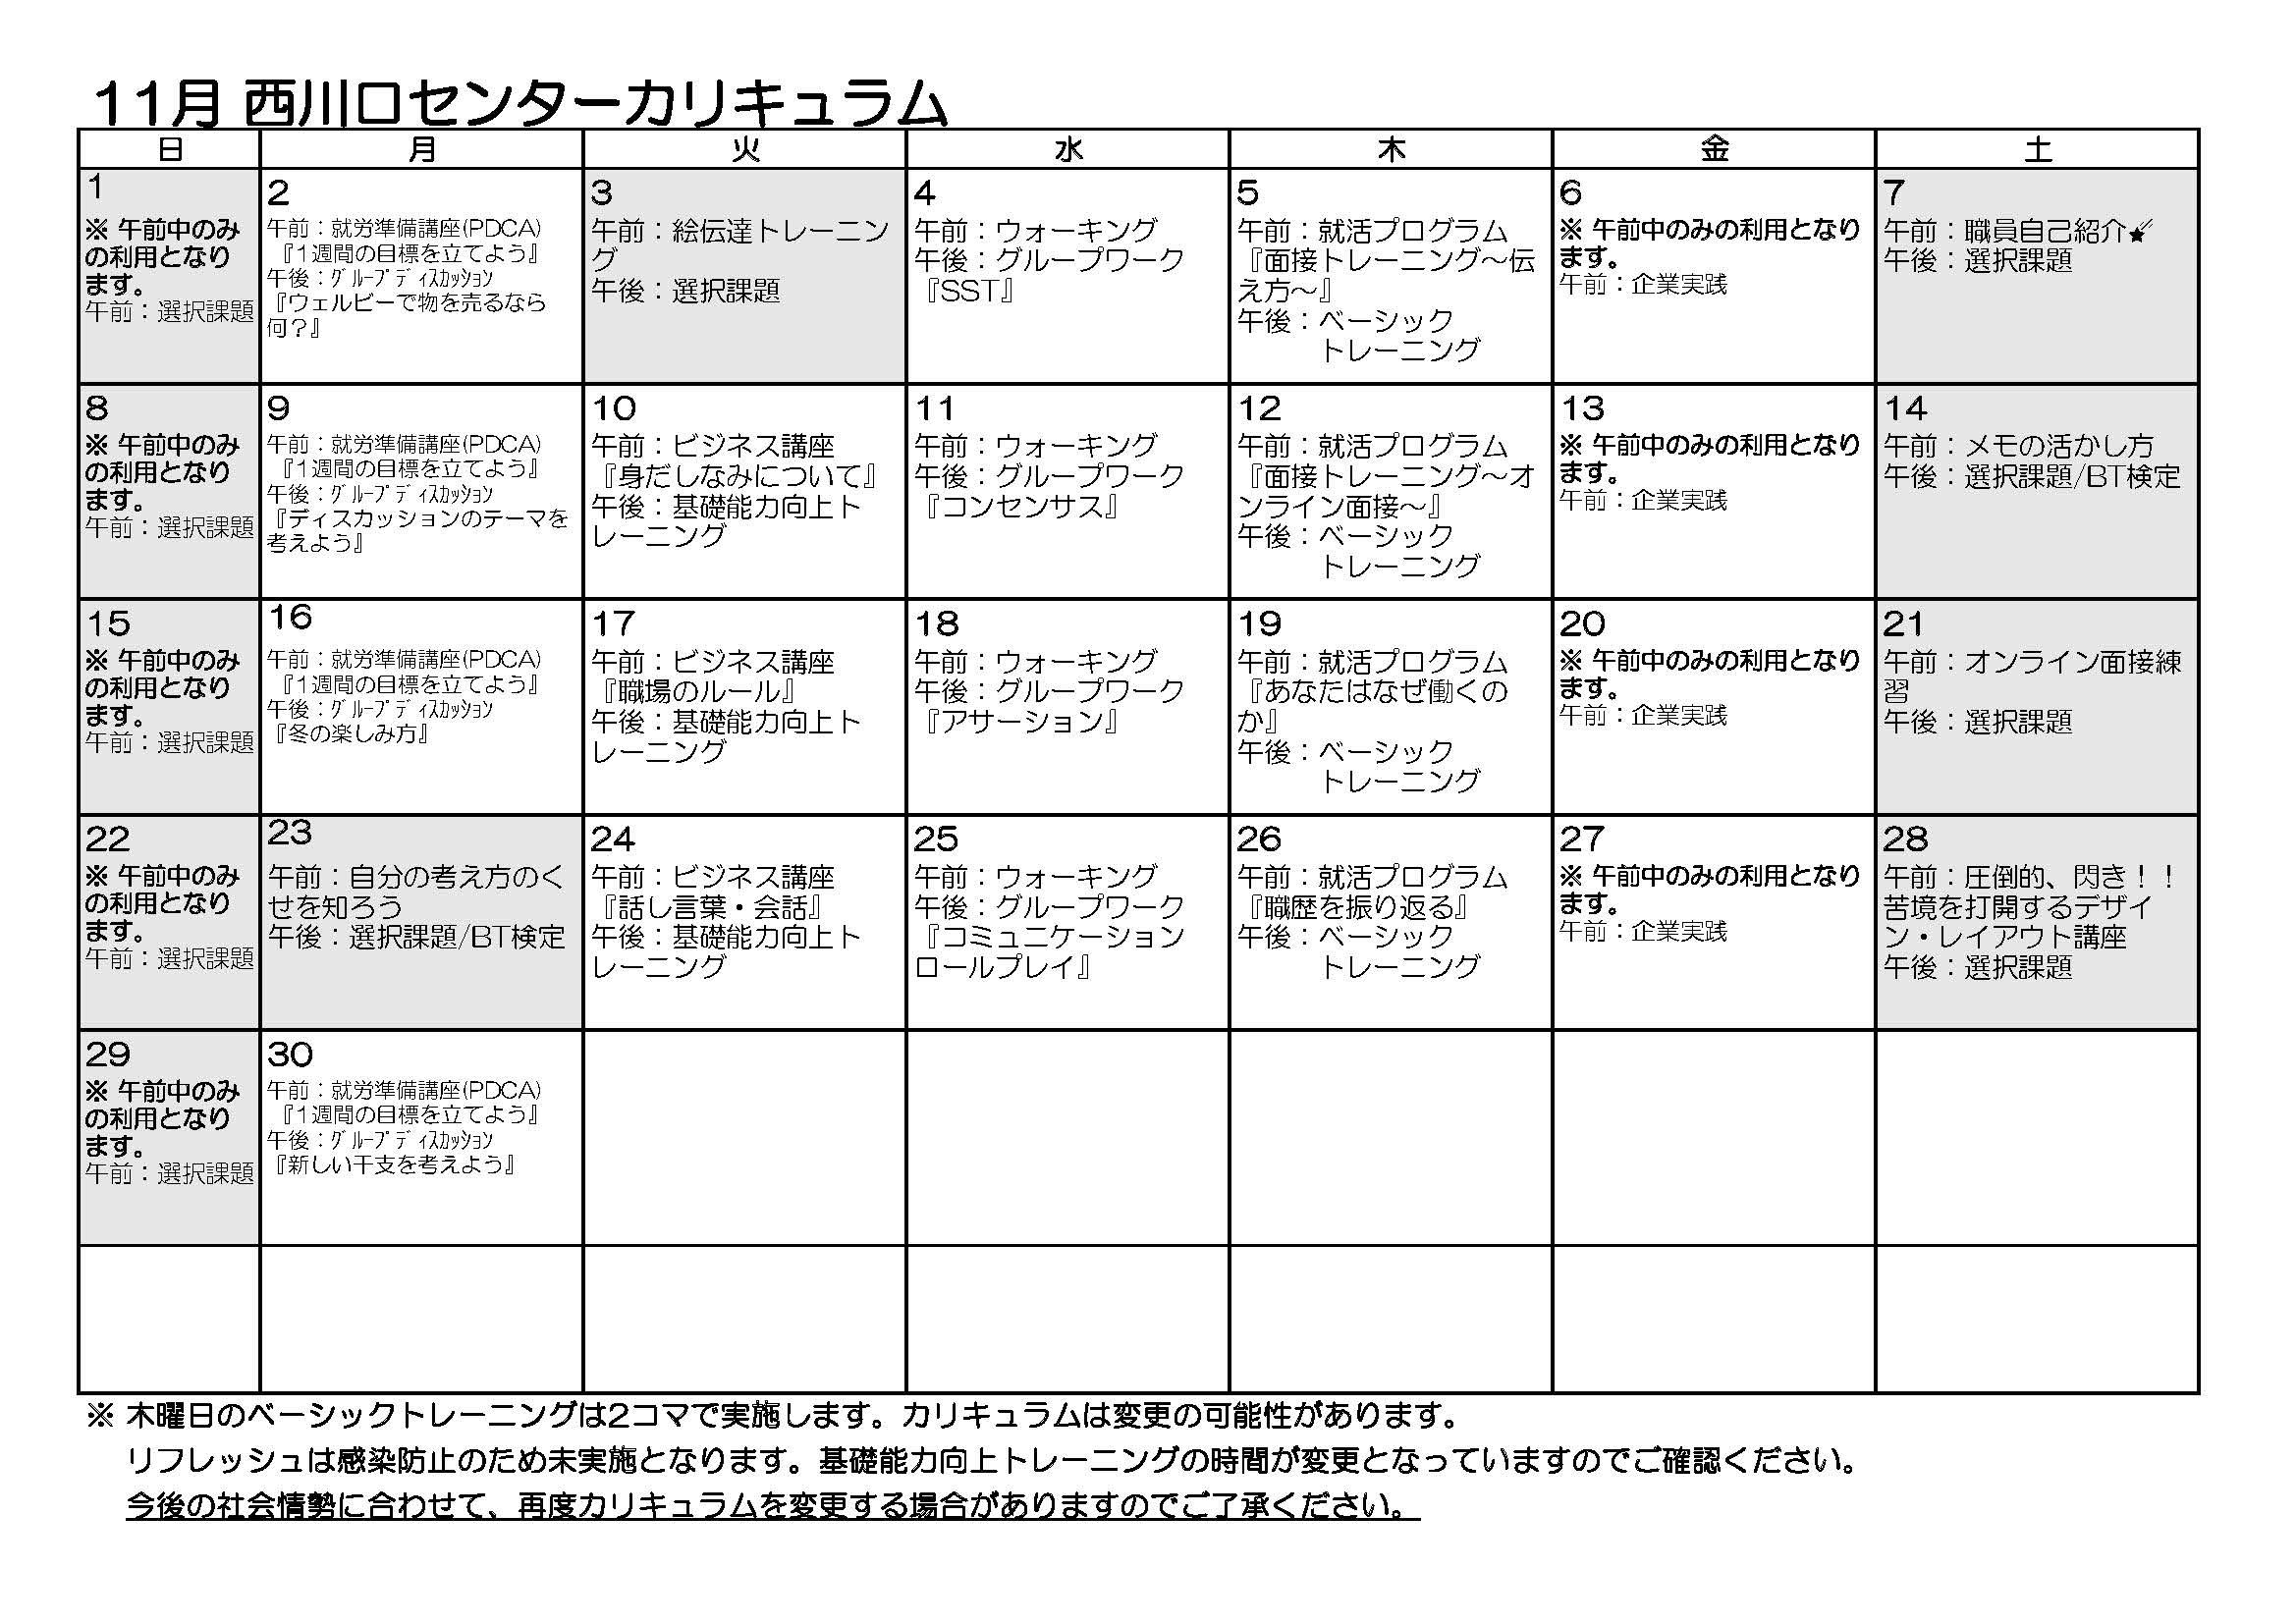 11月月間カリキュラム表